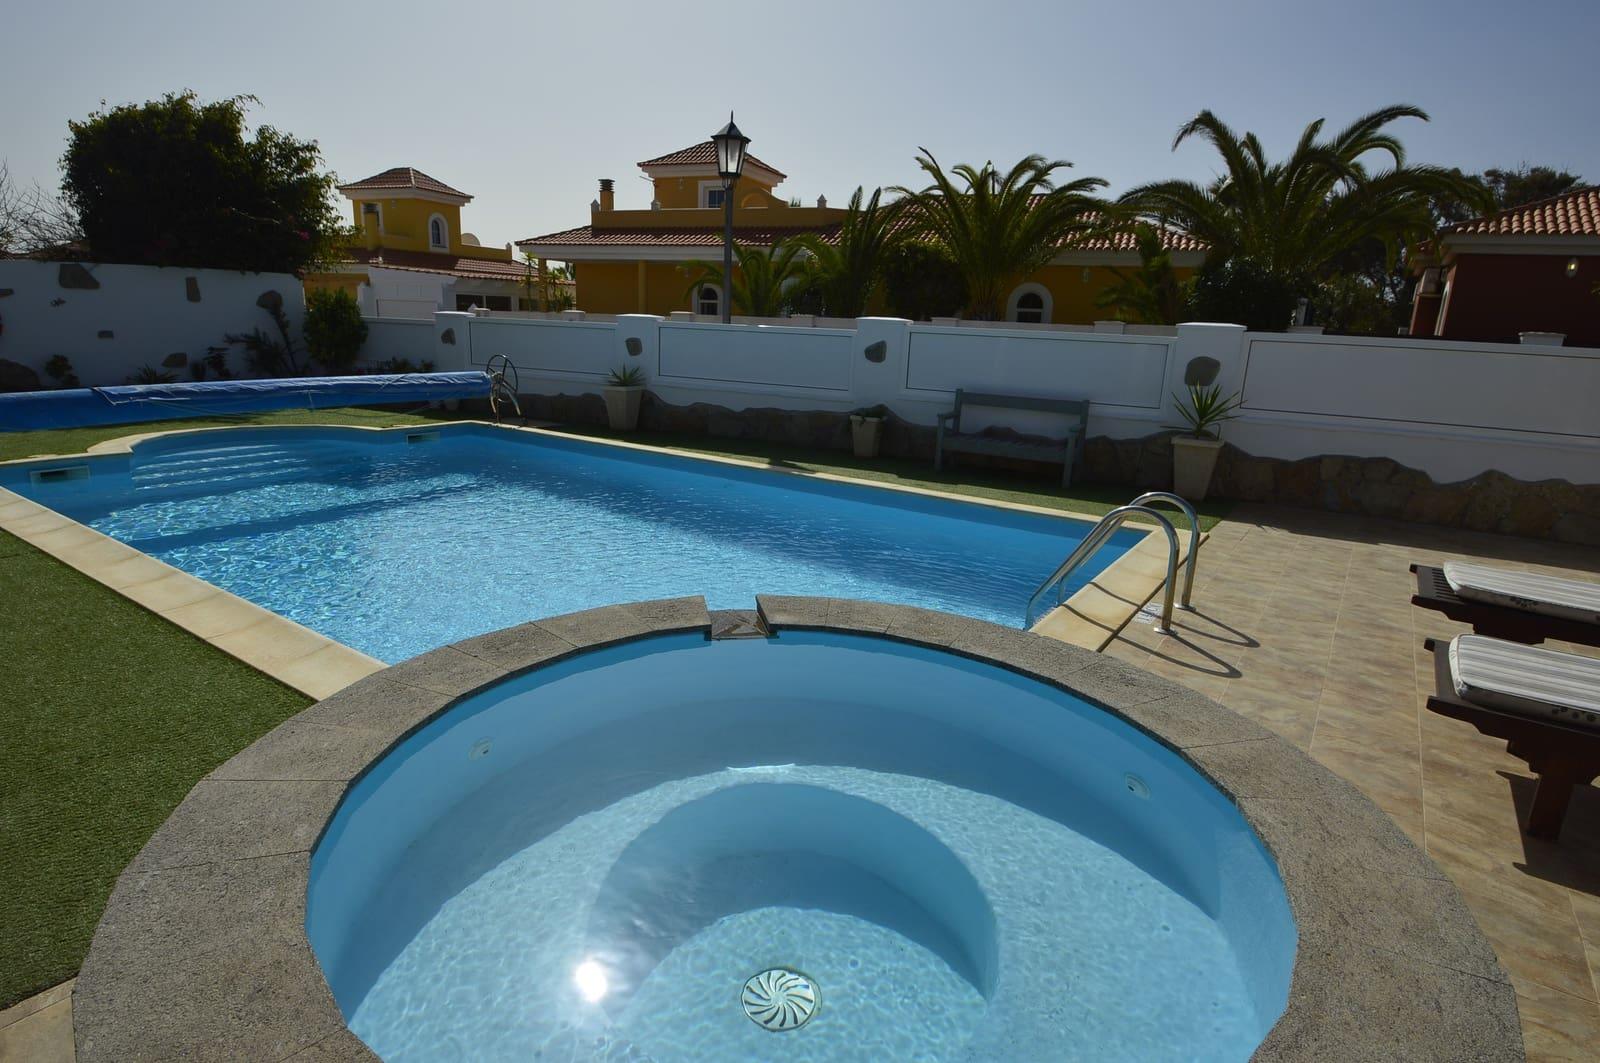 Chalet de 3 habitaciones en Caleta de Fuste en venta con piscina garaje - 339.500 € (Ref: 5106098)